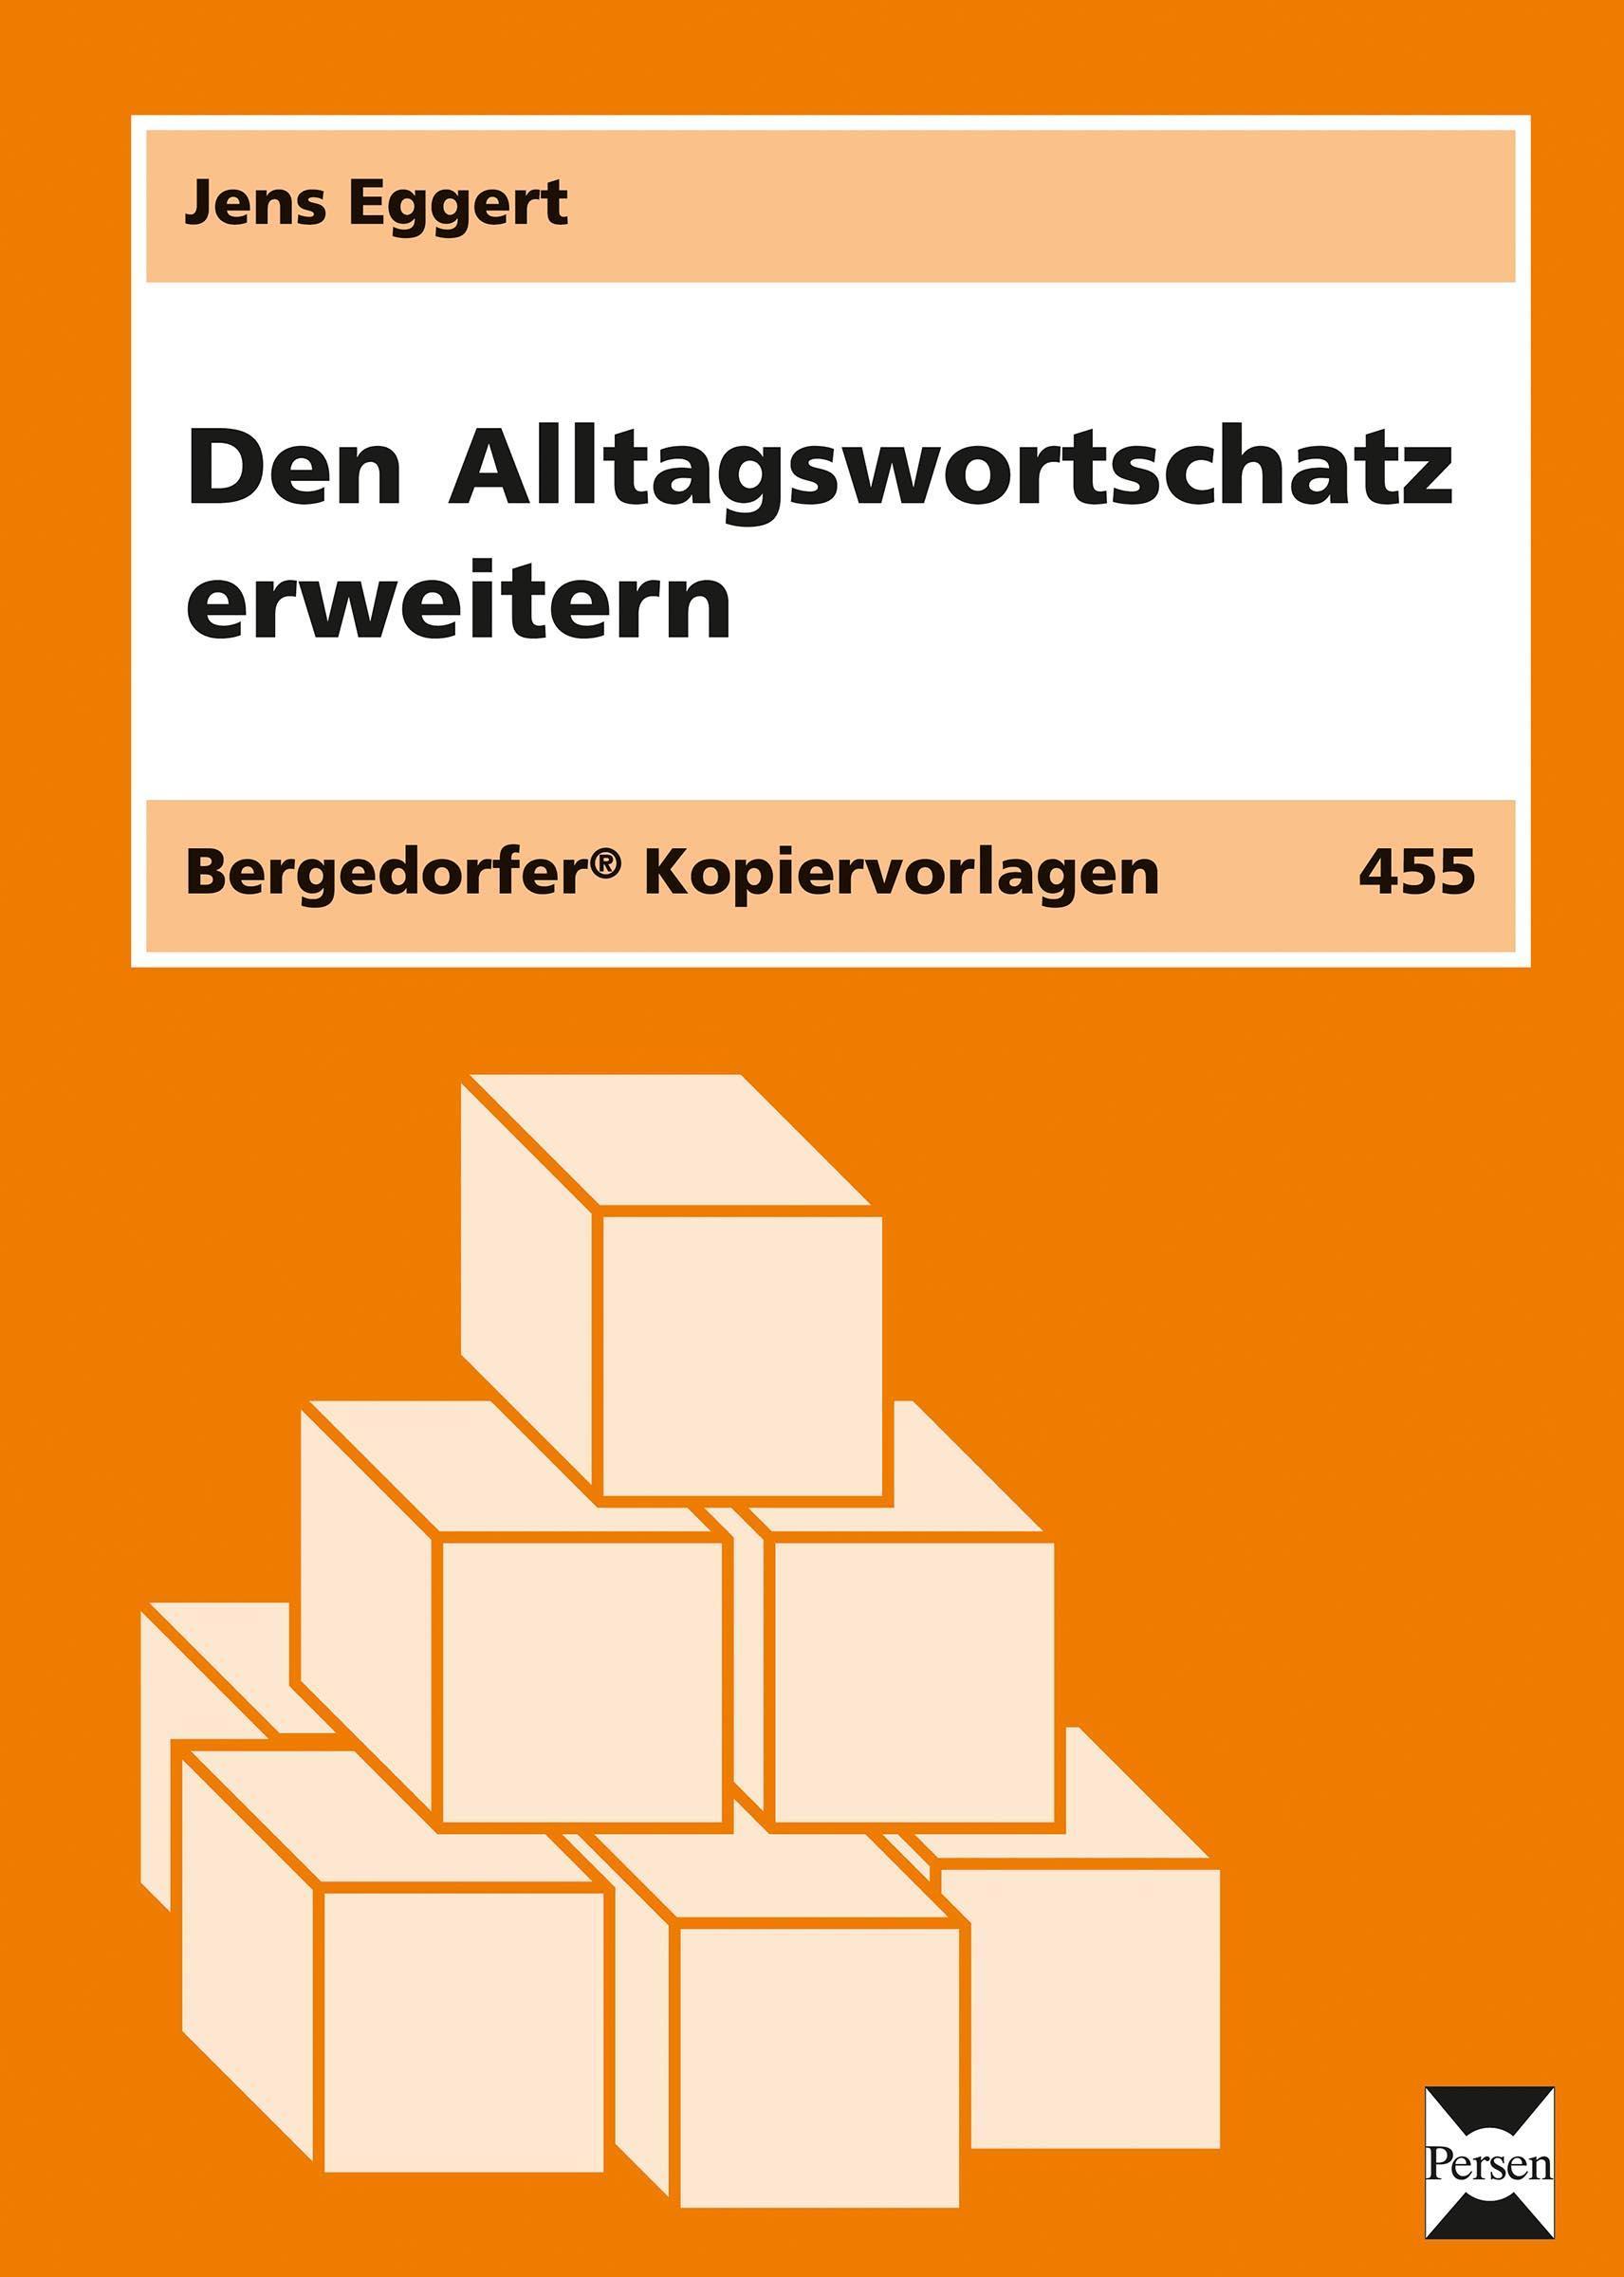 Den Alltagswortschatz erweitern Jens Eggert